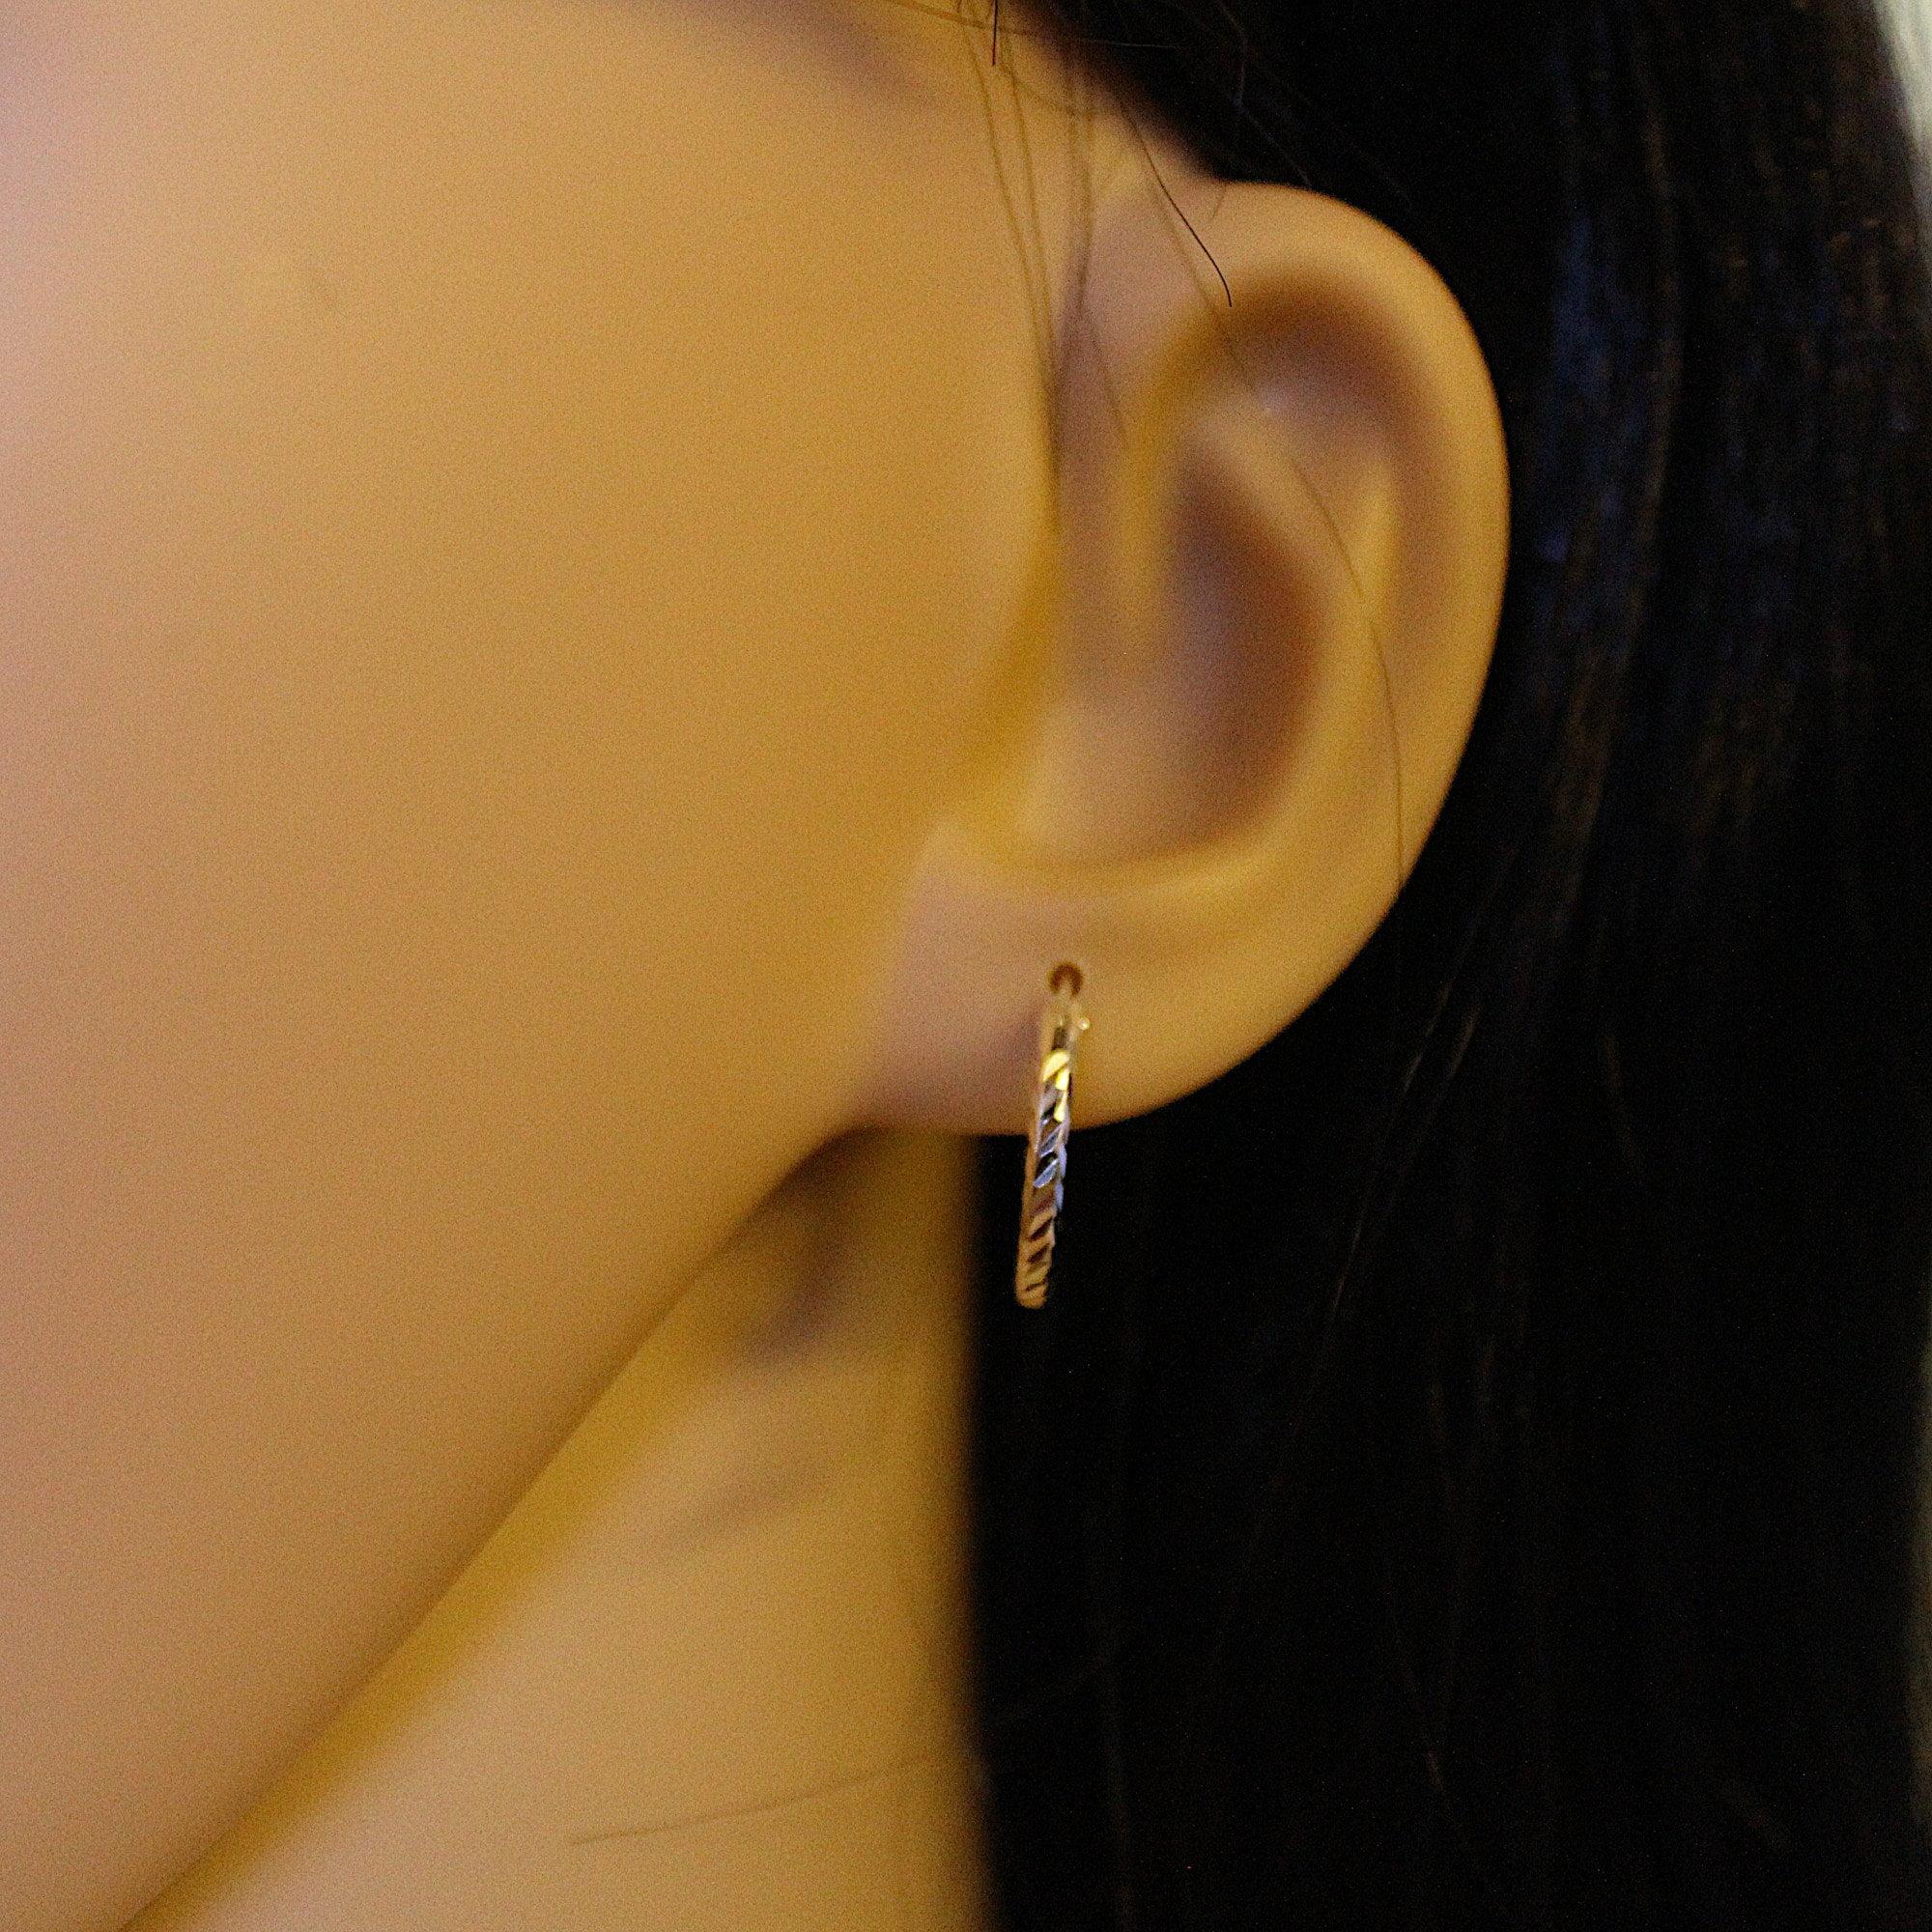 c9da0713200436 16mm diamond cut silver hoop earrings · 16mm silver hoops on model